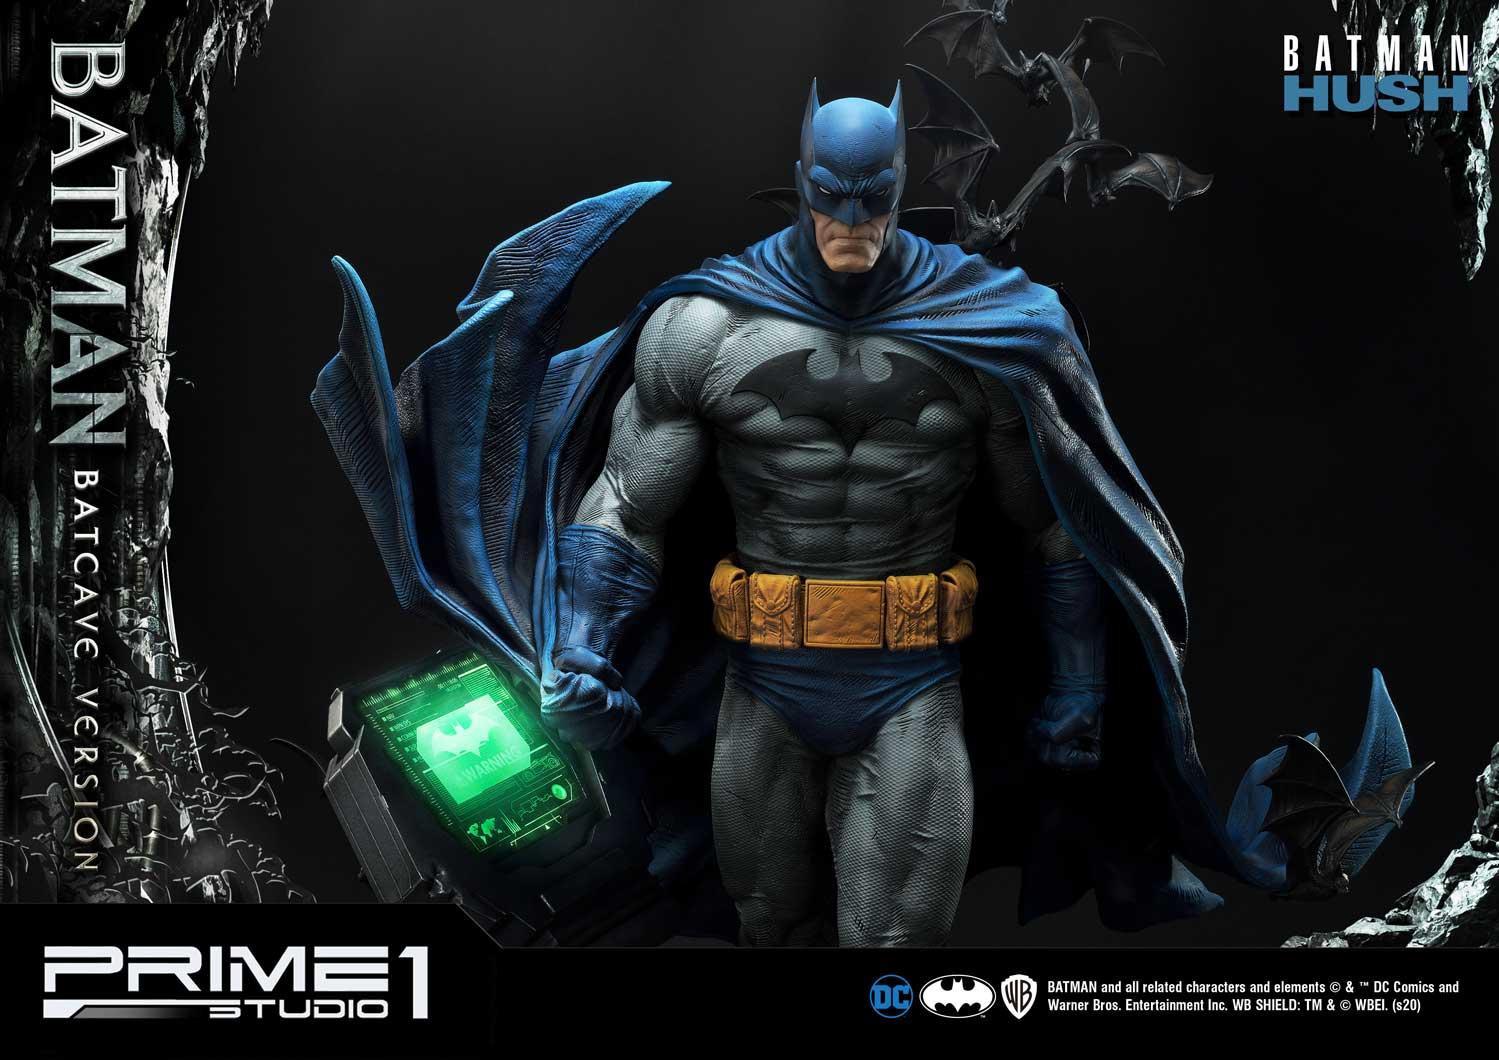 Batman Hush Statue 1 3 Batman Batcave Deluxe Version Epicheroes Movie Trailers Toys Tv Video Games News Art